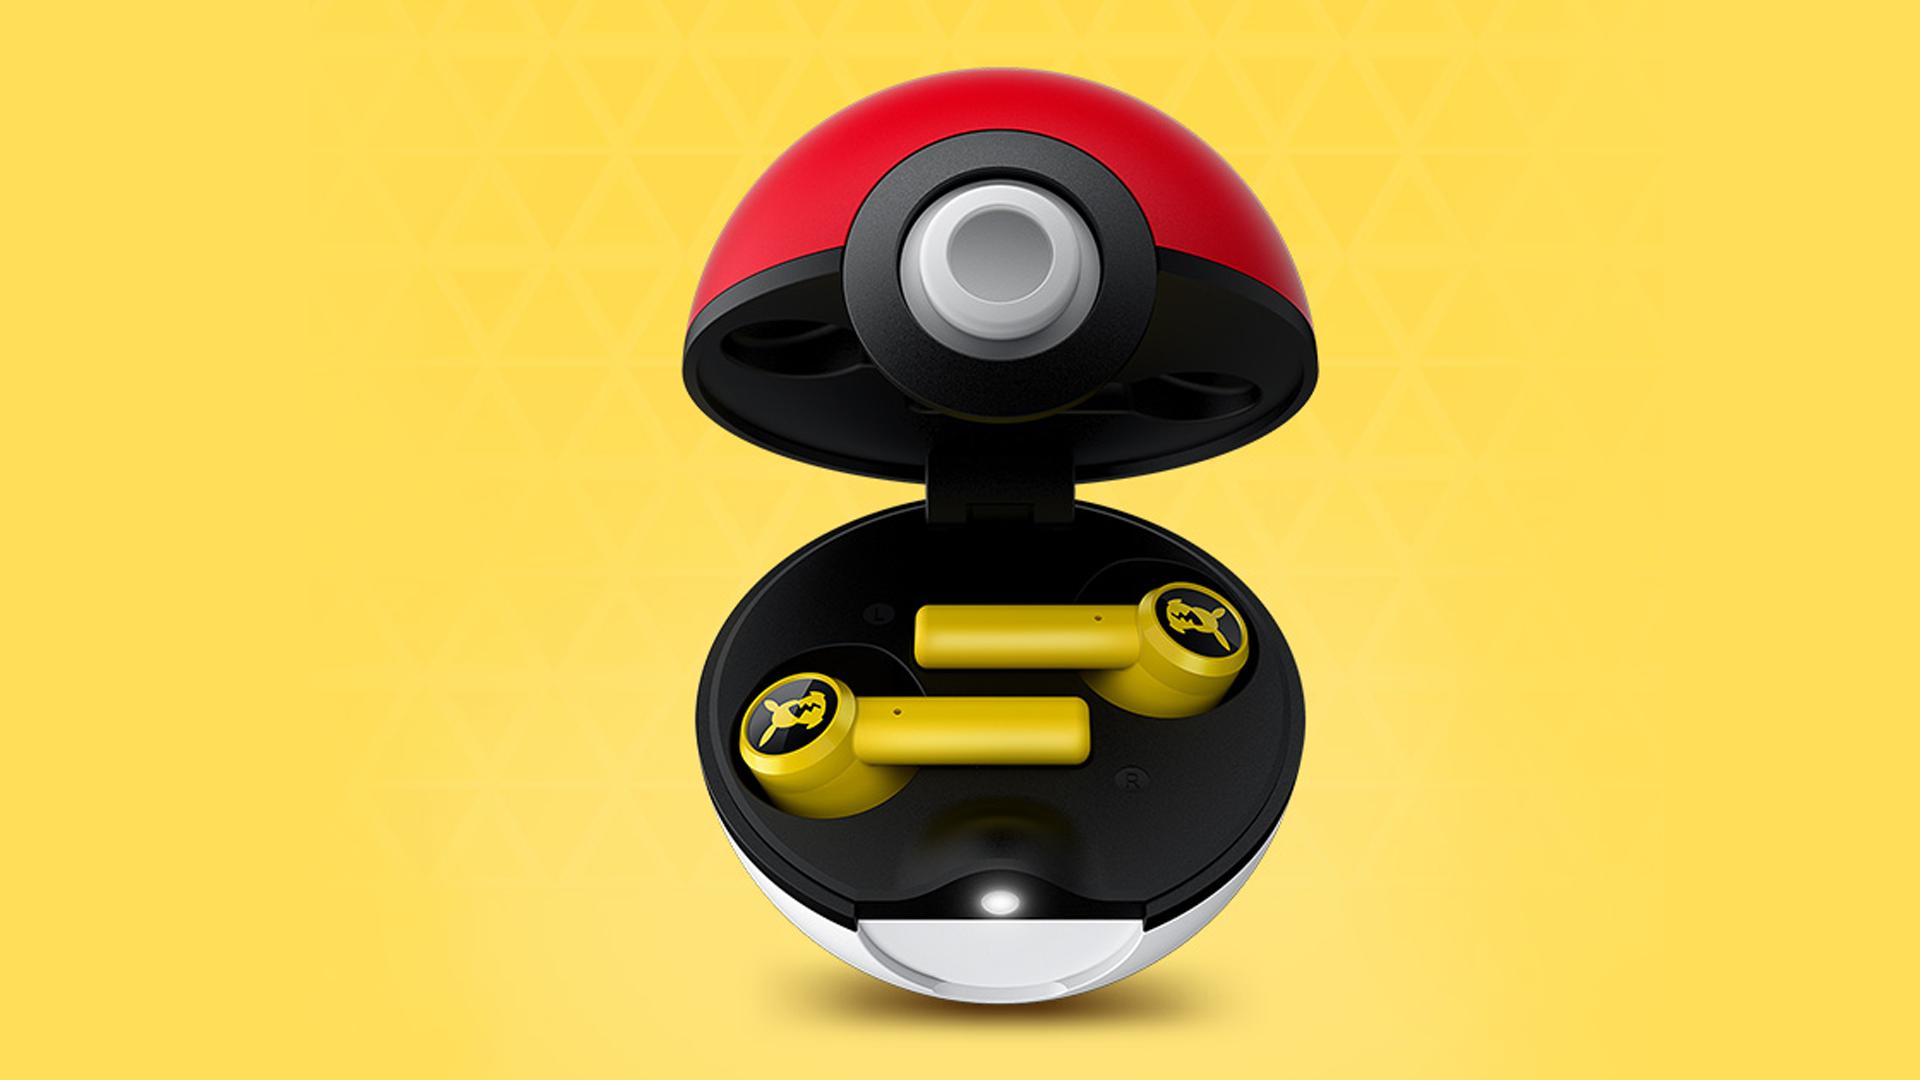 Fones de ouvido da Razer são inspirados no Pikachu e vêm em uma Pokébola